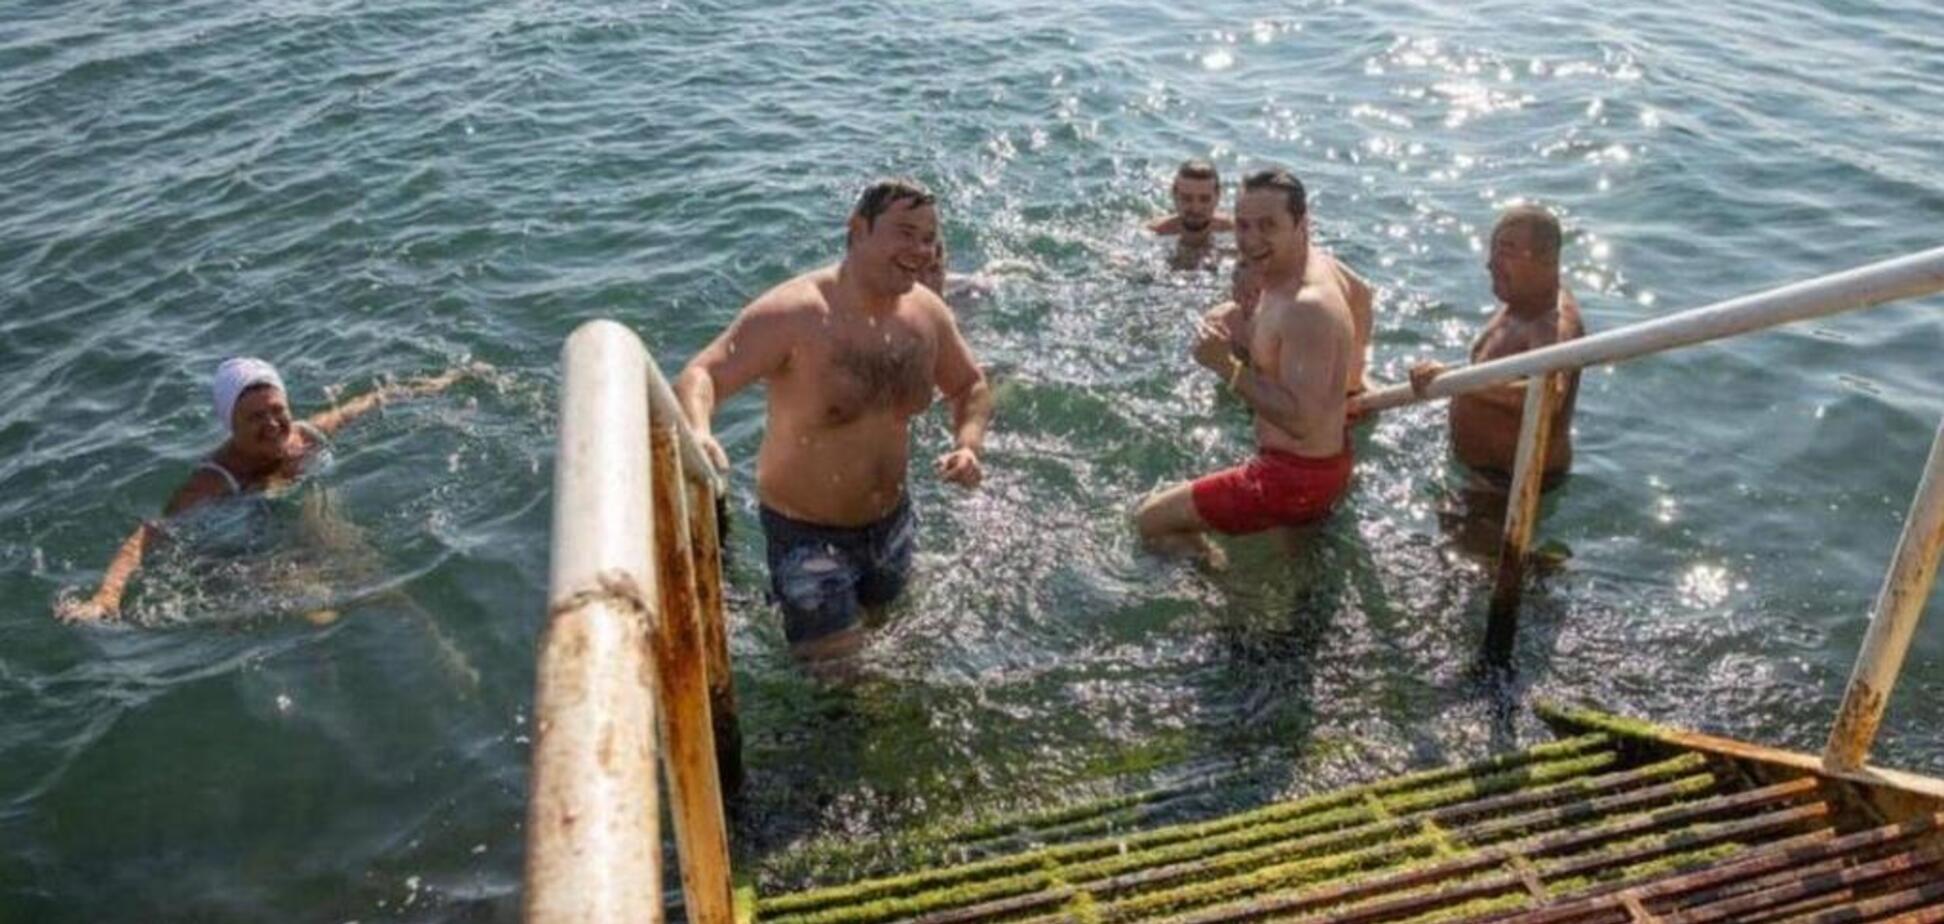 'Скрізь охорона і бойові водолази': Зеленський похвалився фото з пляжу